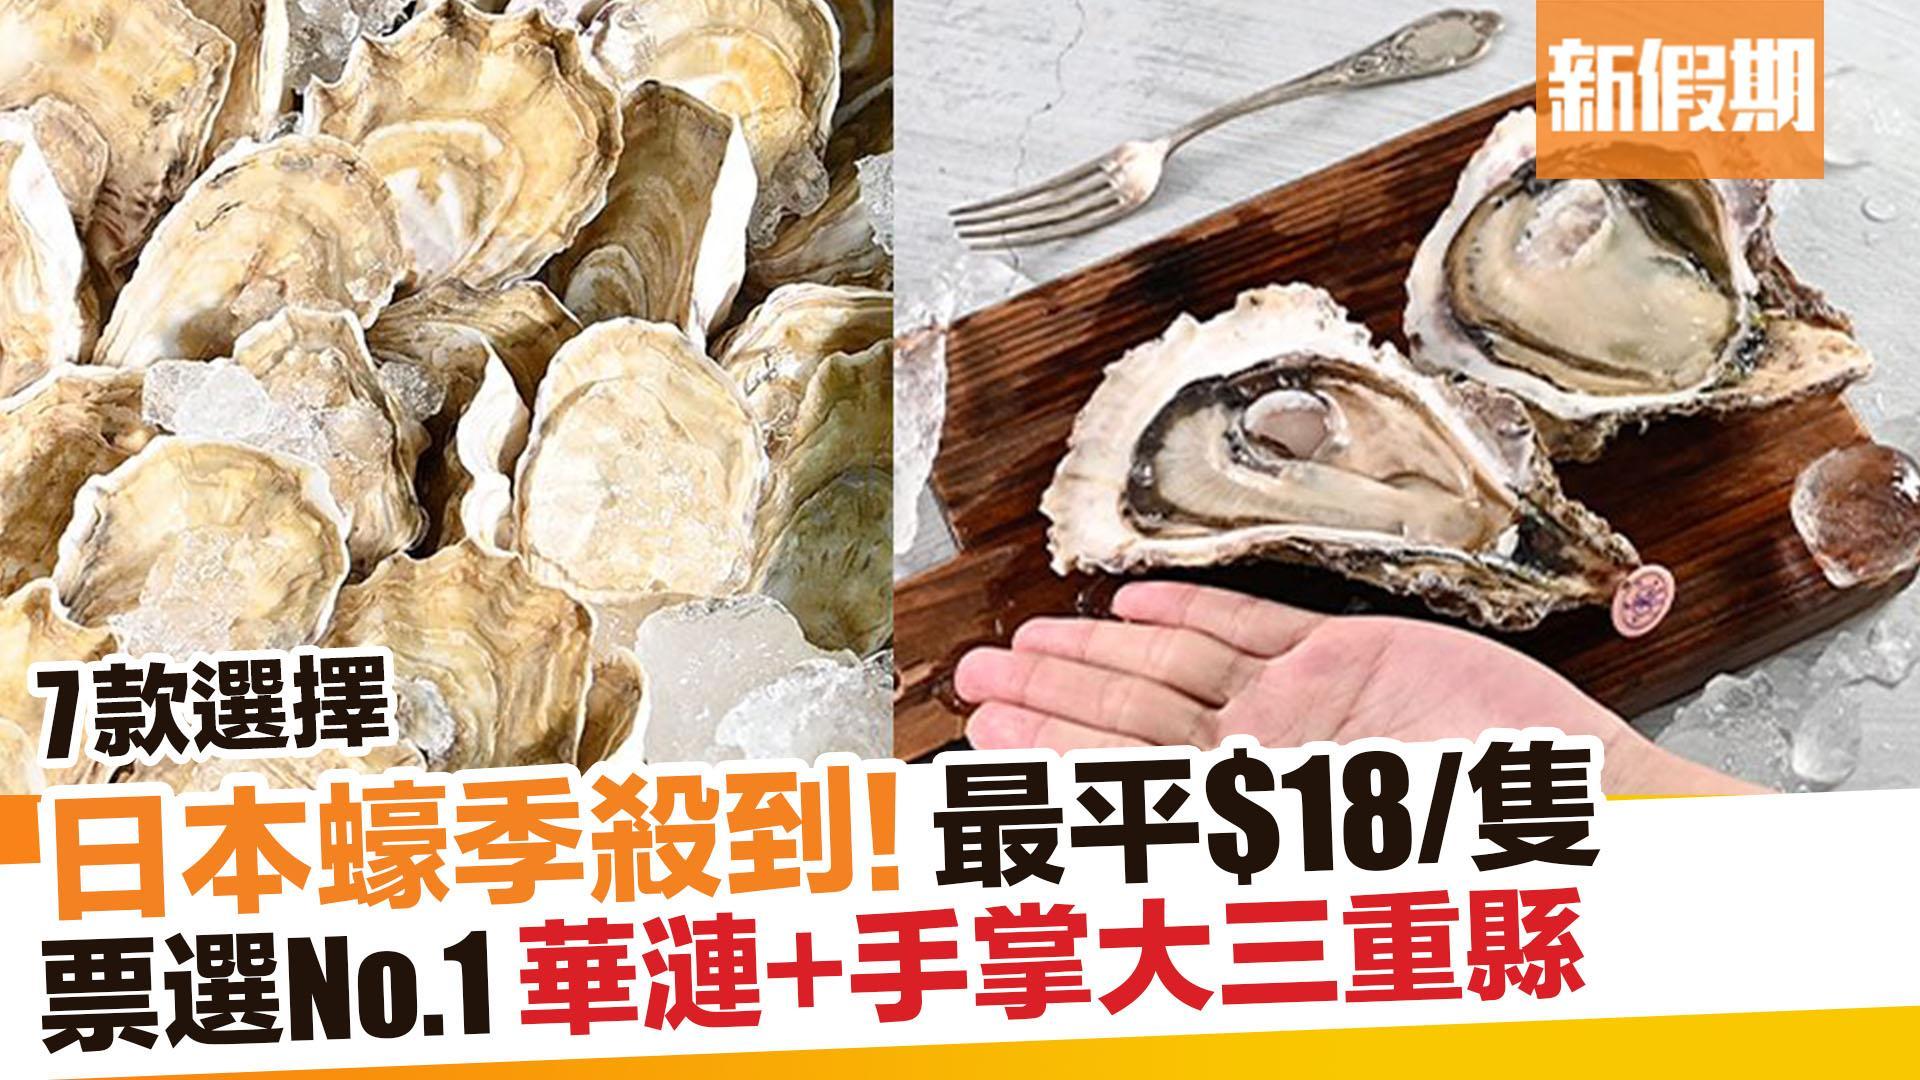 【飲食熱話】日本生蠔到港 「日本一」長崎縣華漣+大熱令和之怪物 最平$18/隻 新假期